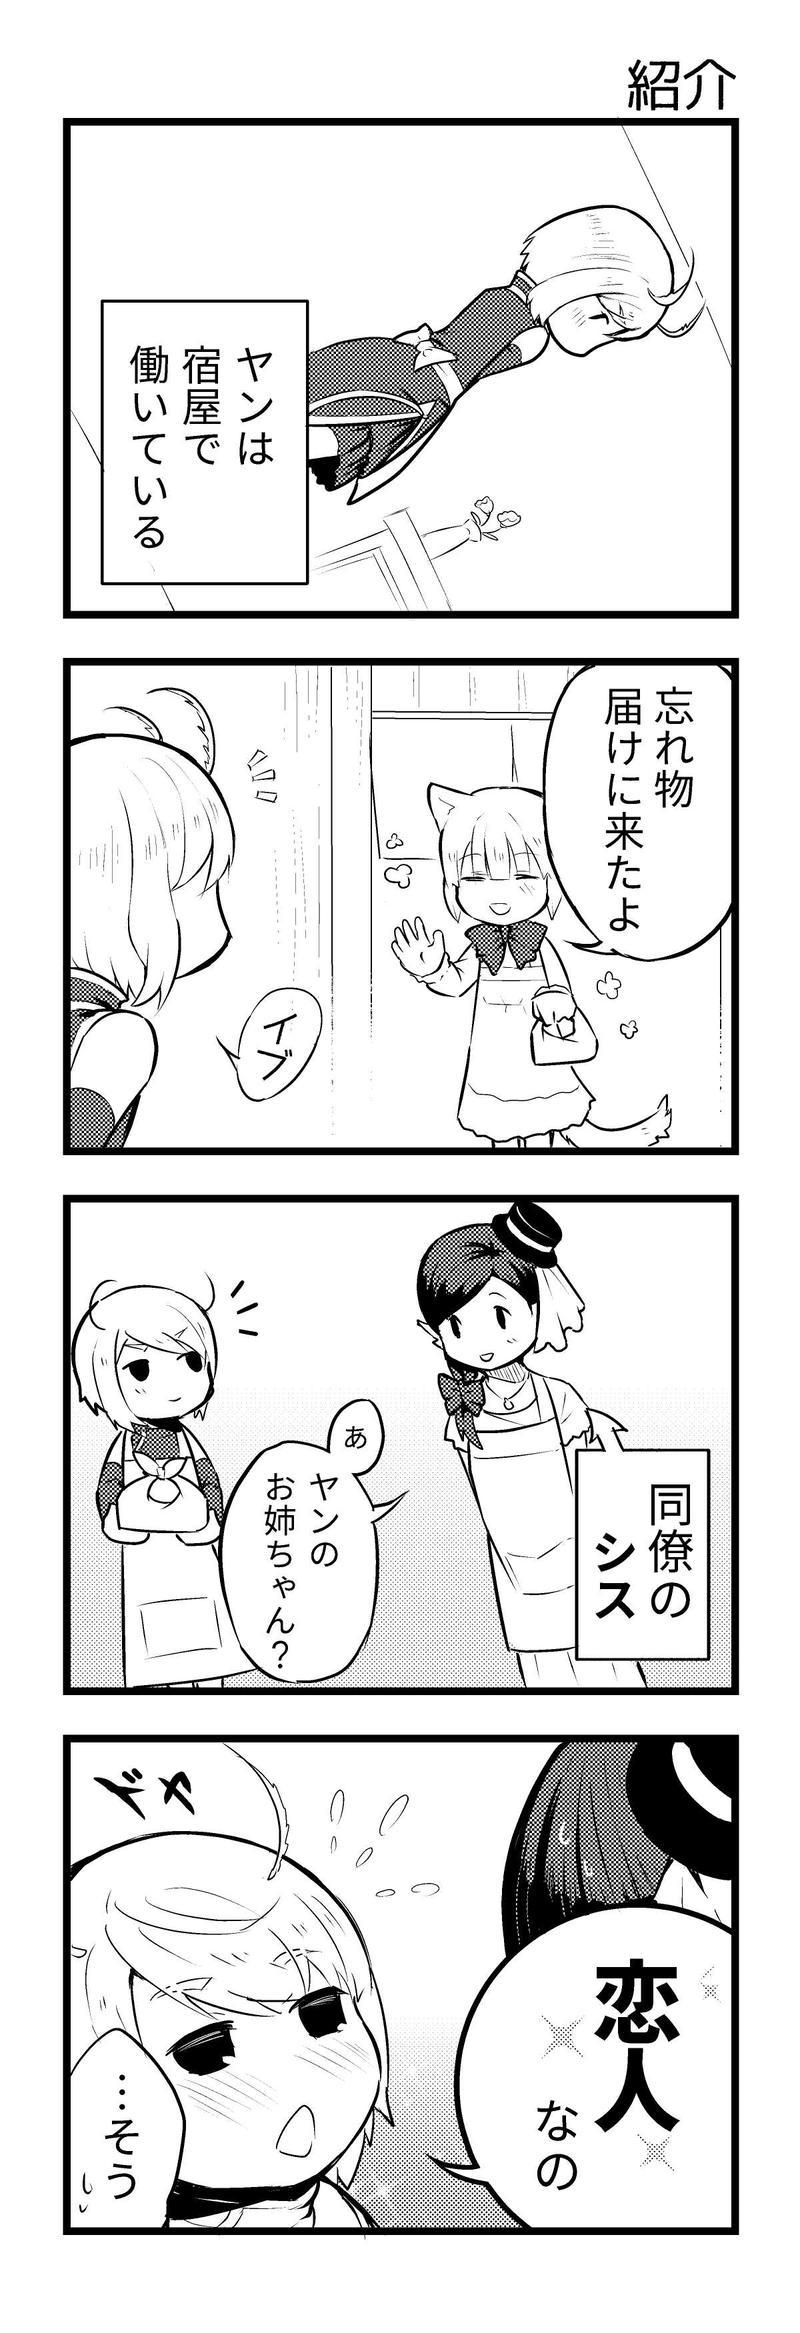 6話 紹介